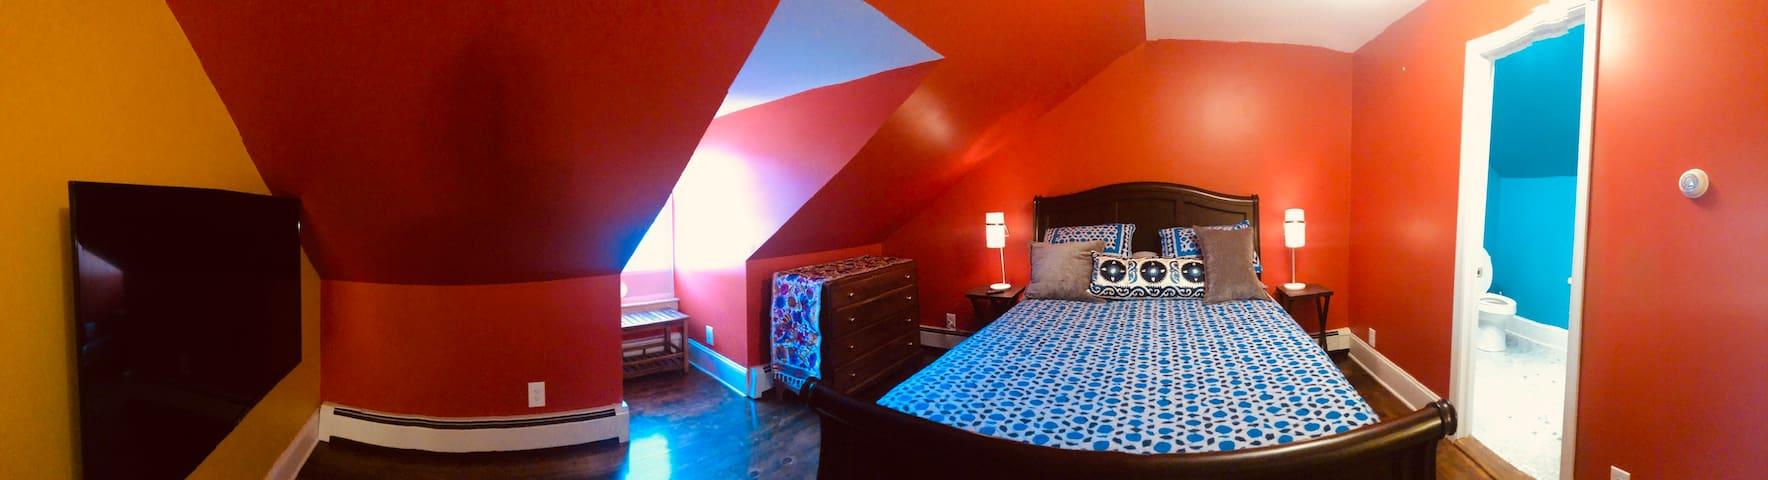 2nd bedroom queen size Temperpedic bed